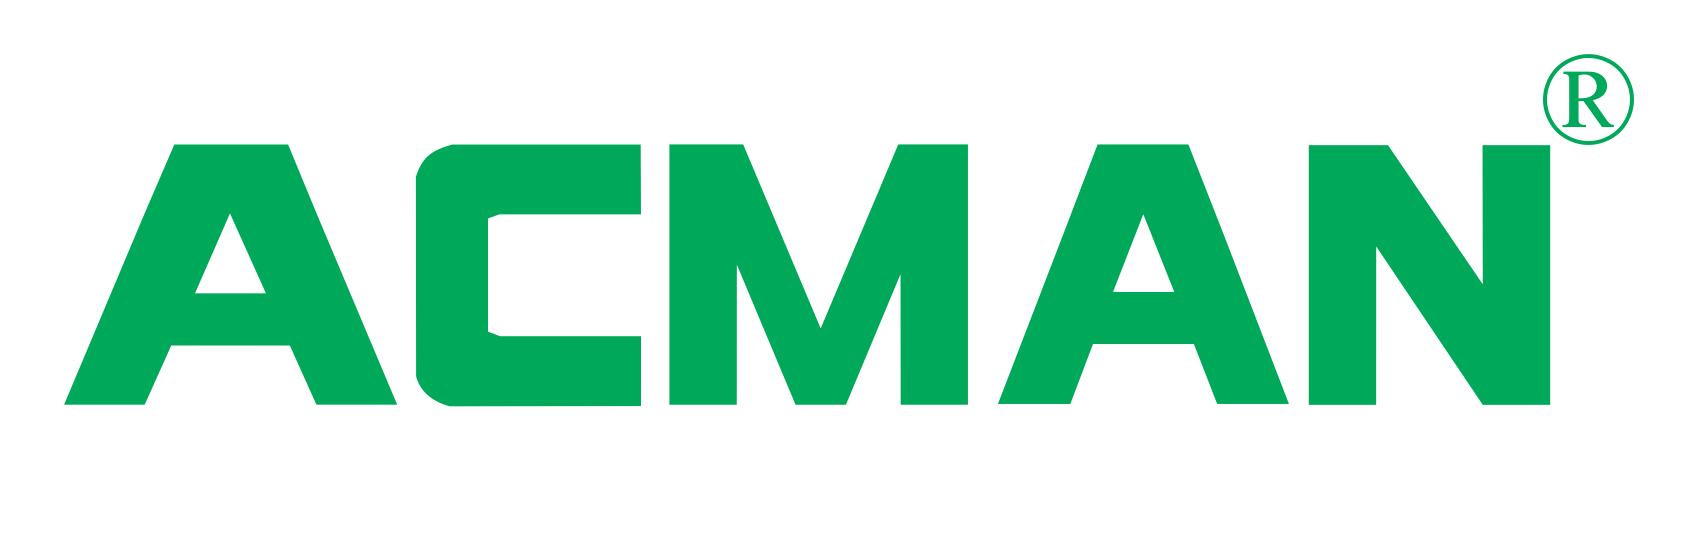 ACMAN Logo